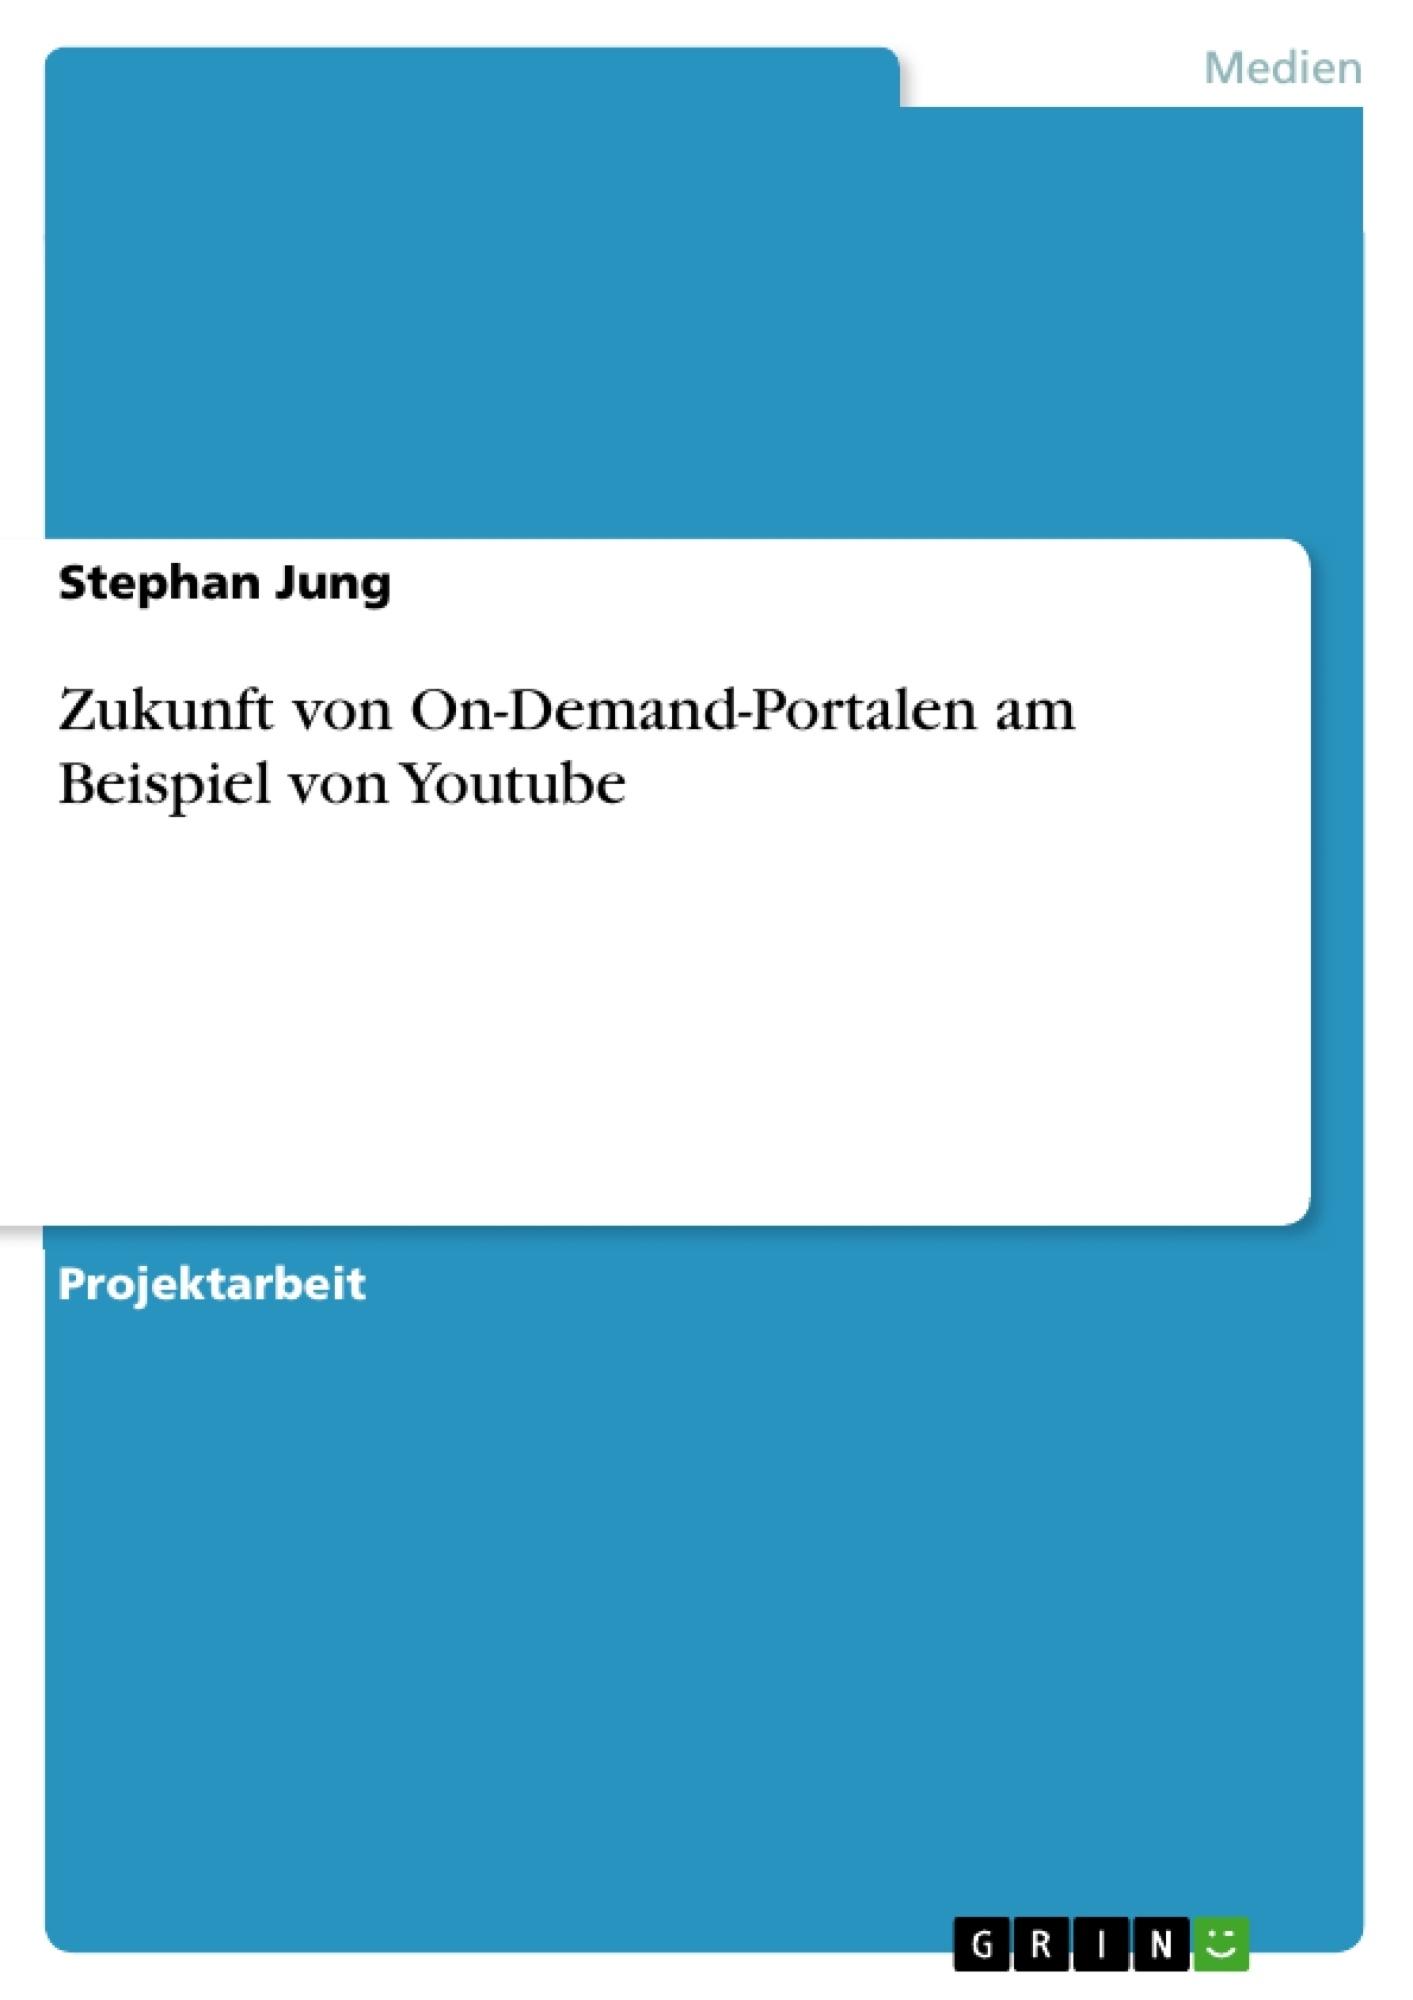 Titel: Zukunft von On-Demand-Portalen am Beispiel von Youtube